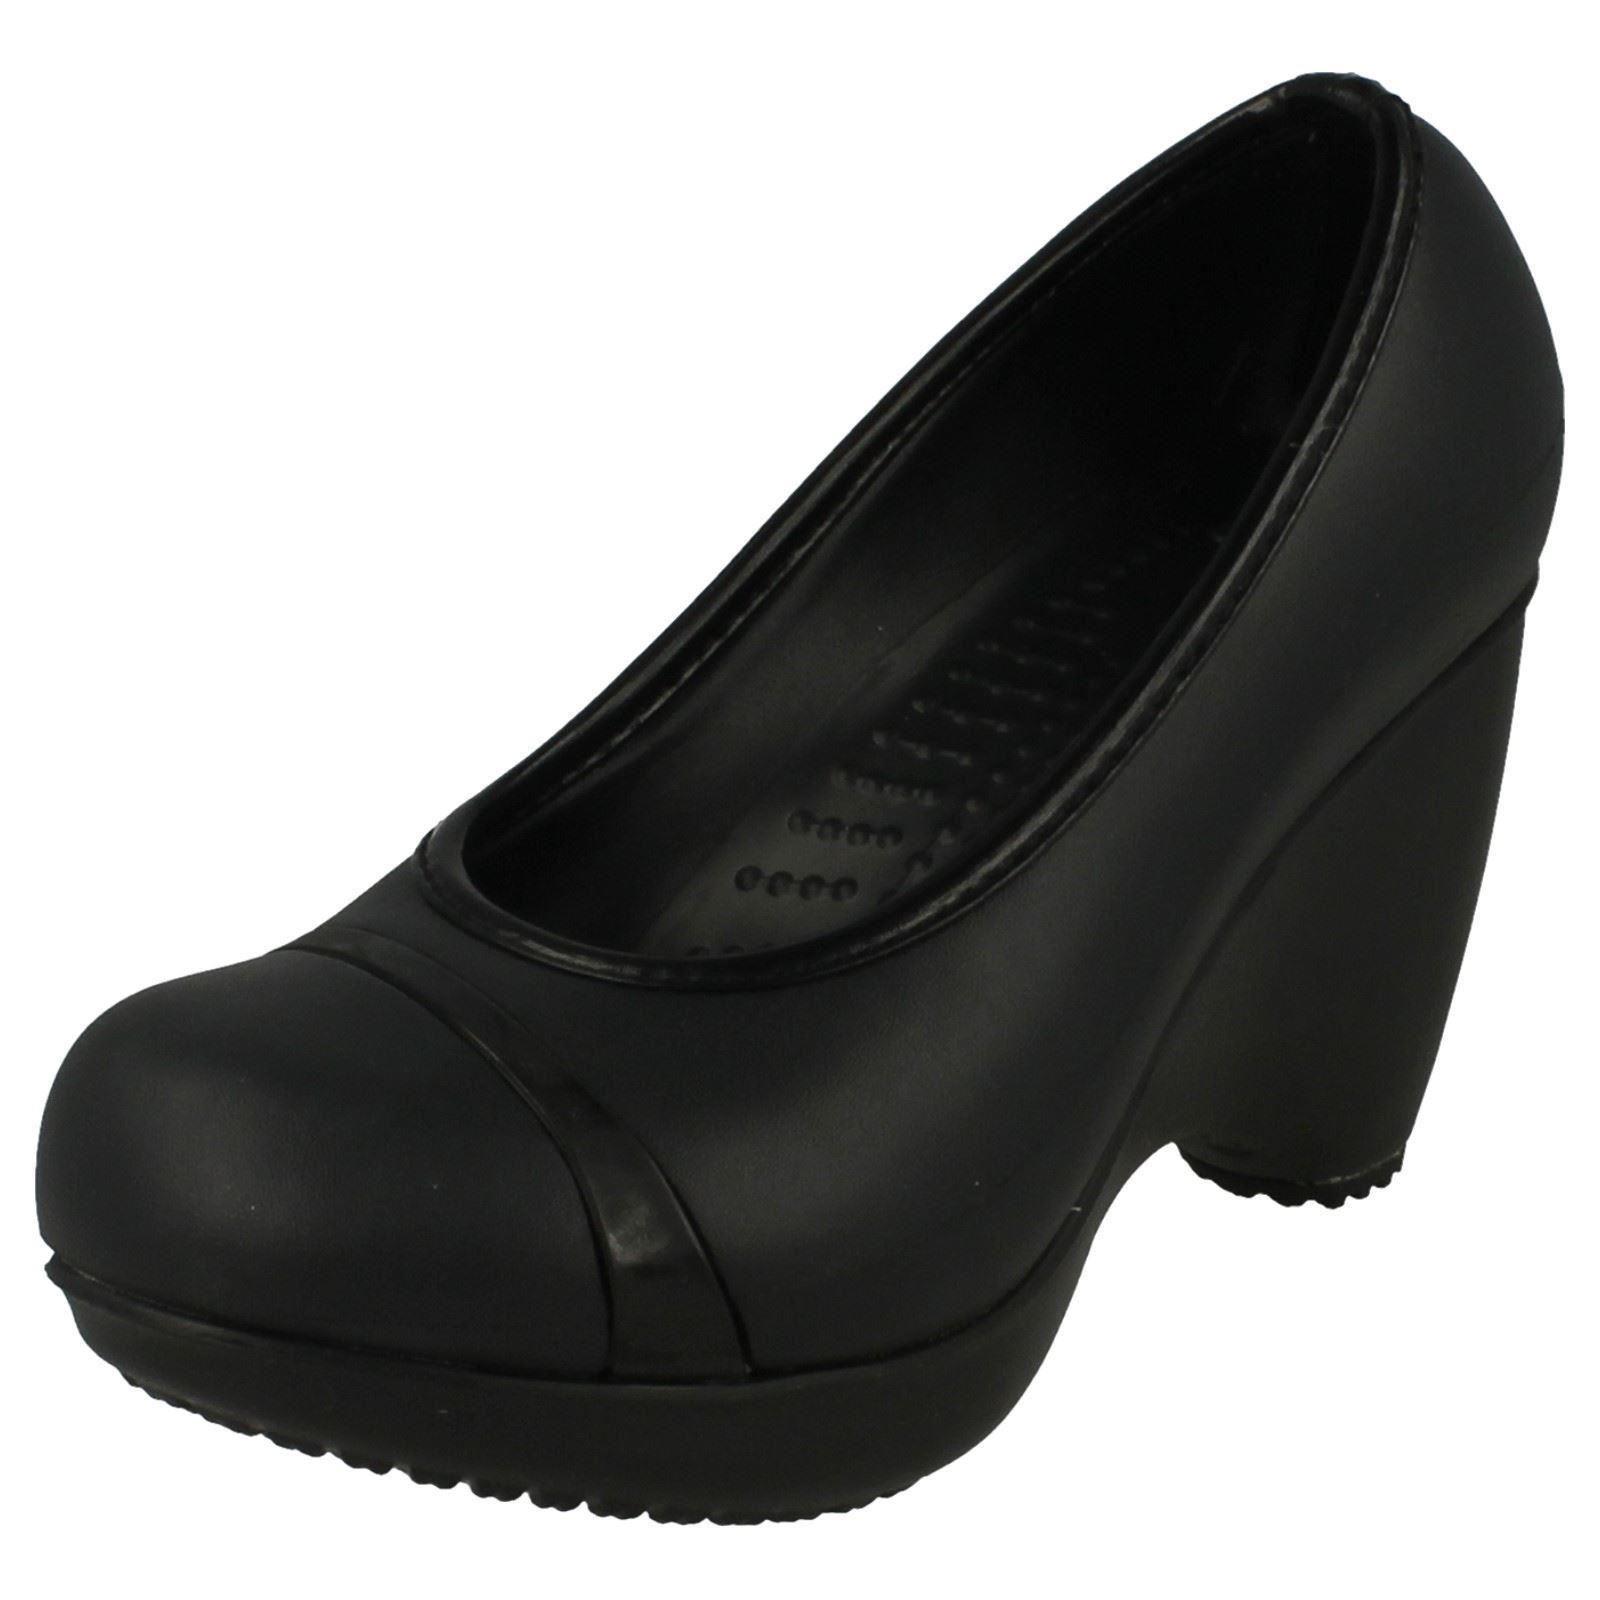 Chaussures A Femme A Crocs Chaussures A Talon Crocs Chaussures Talon Crocs Femme Femme SMpLqUzGV